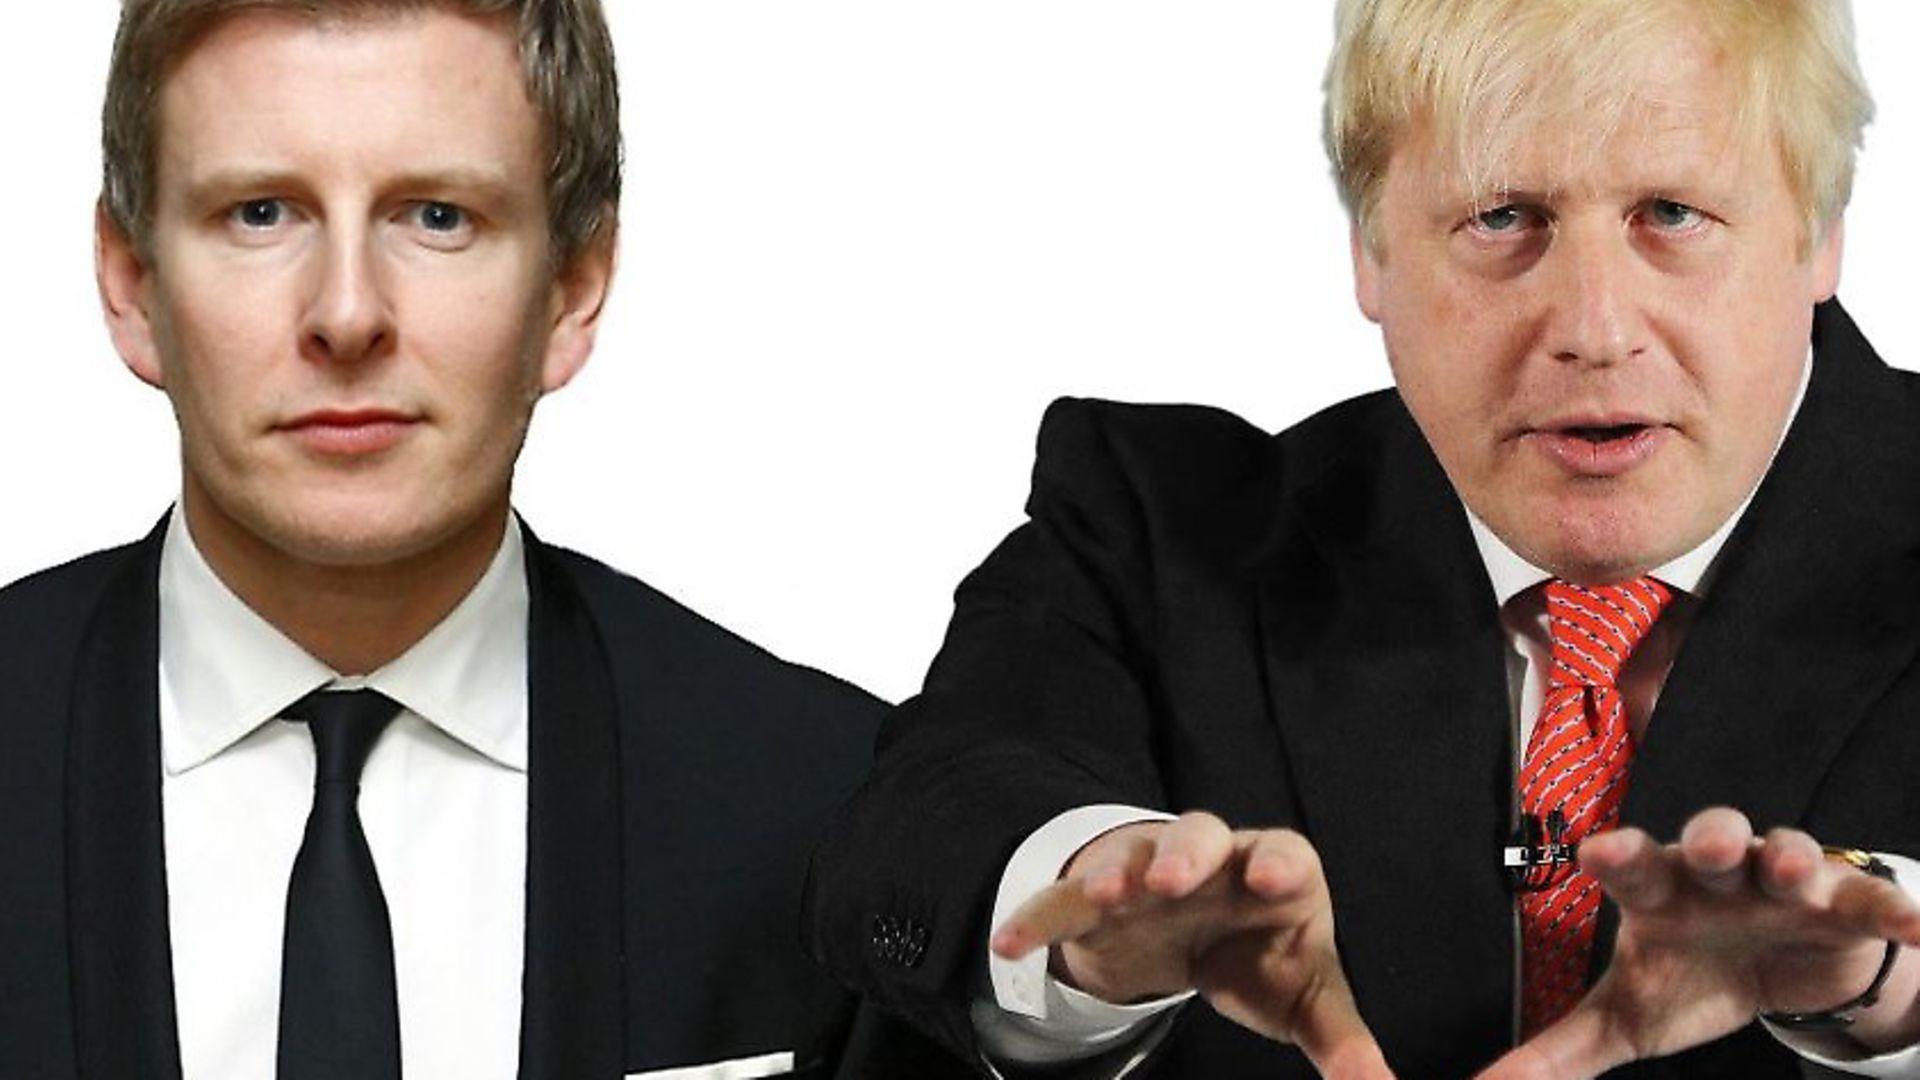 Patrick Kielty and Boris Johnson (PA/Teh3vil/Wikimedia) - Credit: Archant